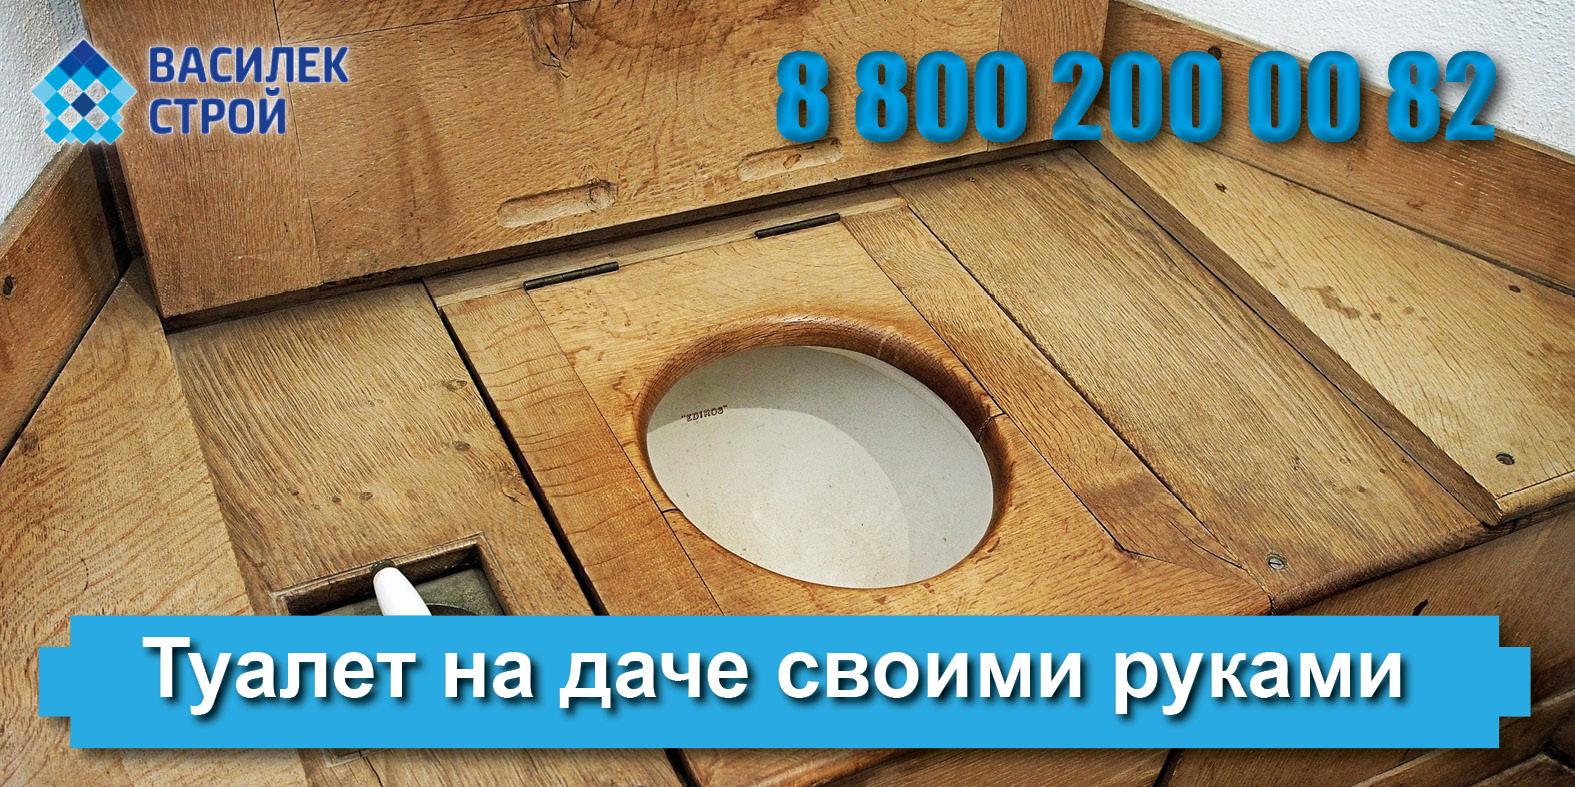 Построить деревянный туалет на даче своими руками или купить деревянный туалет для дачи: цена решает все. Нужен ли биотуалет для дачи